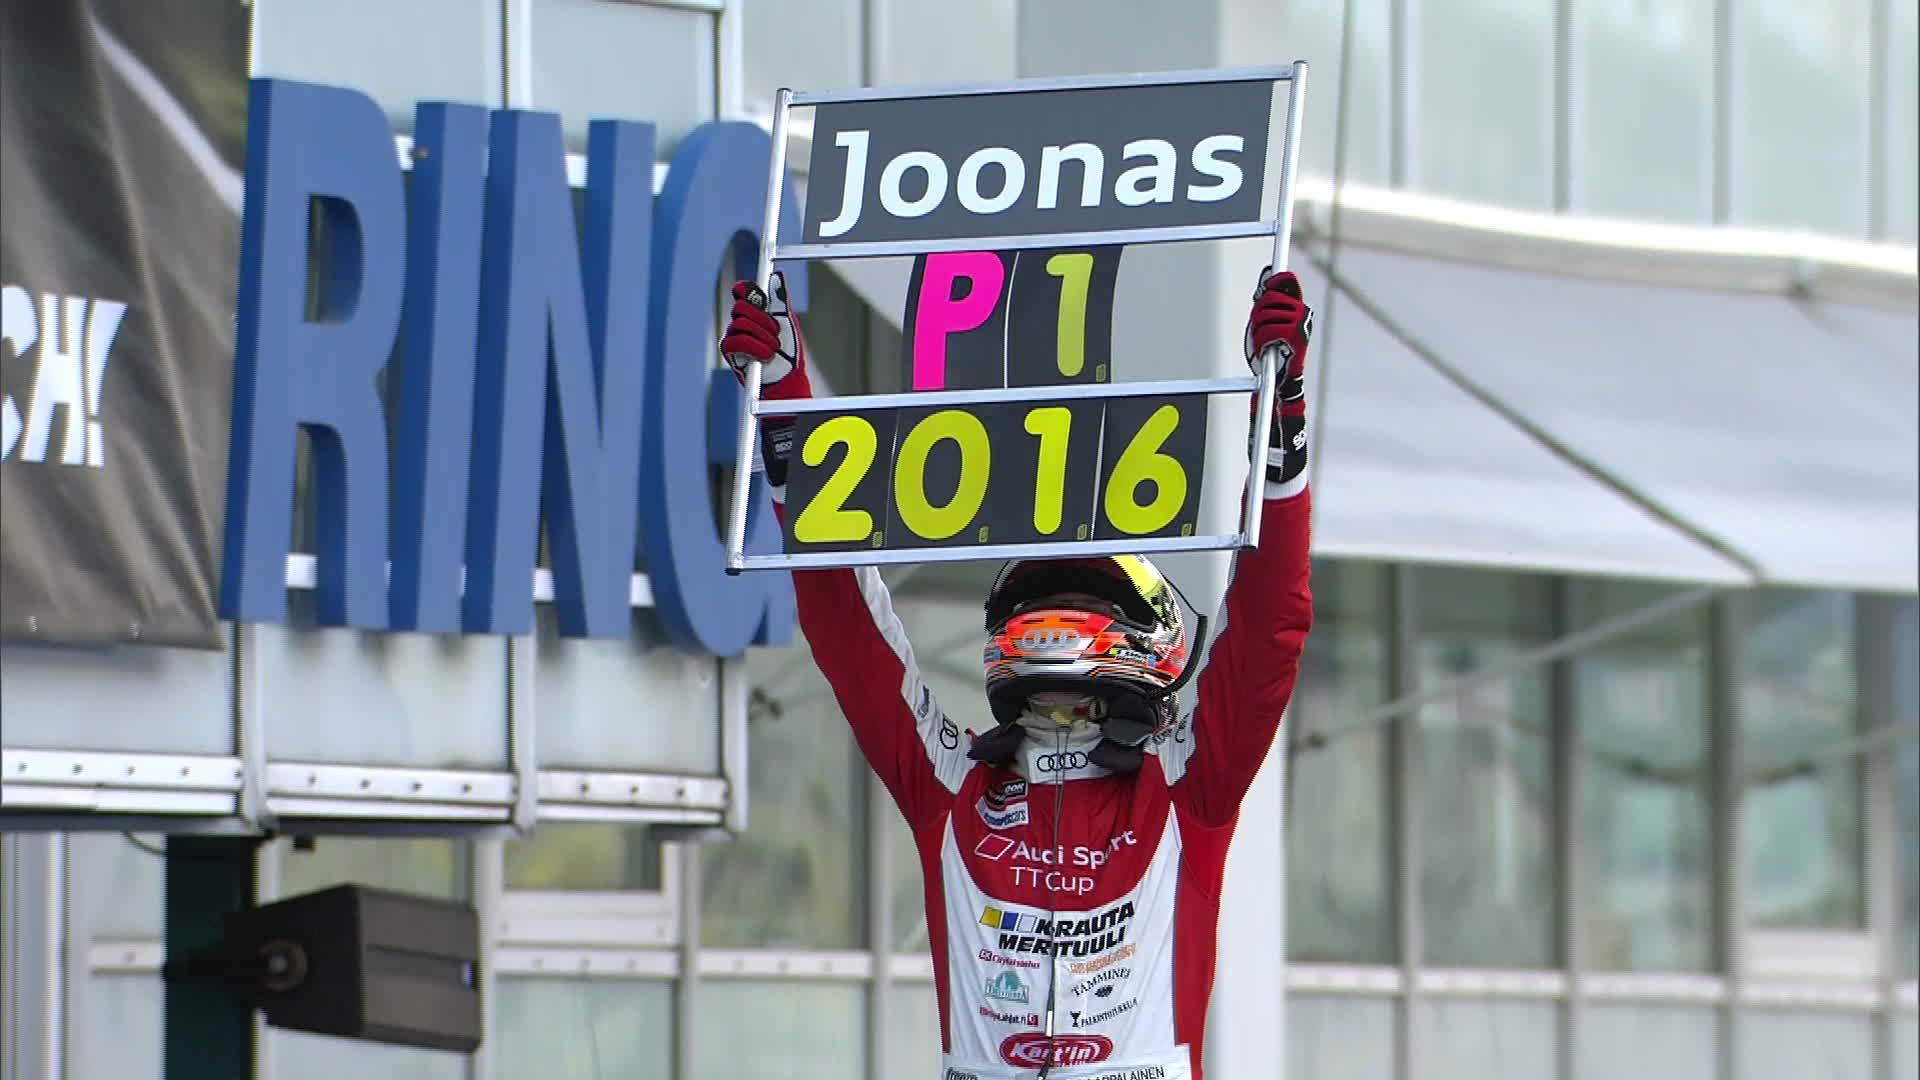 Audi Sport TT Cup: Lappalainen holt sich den Titel